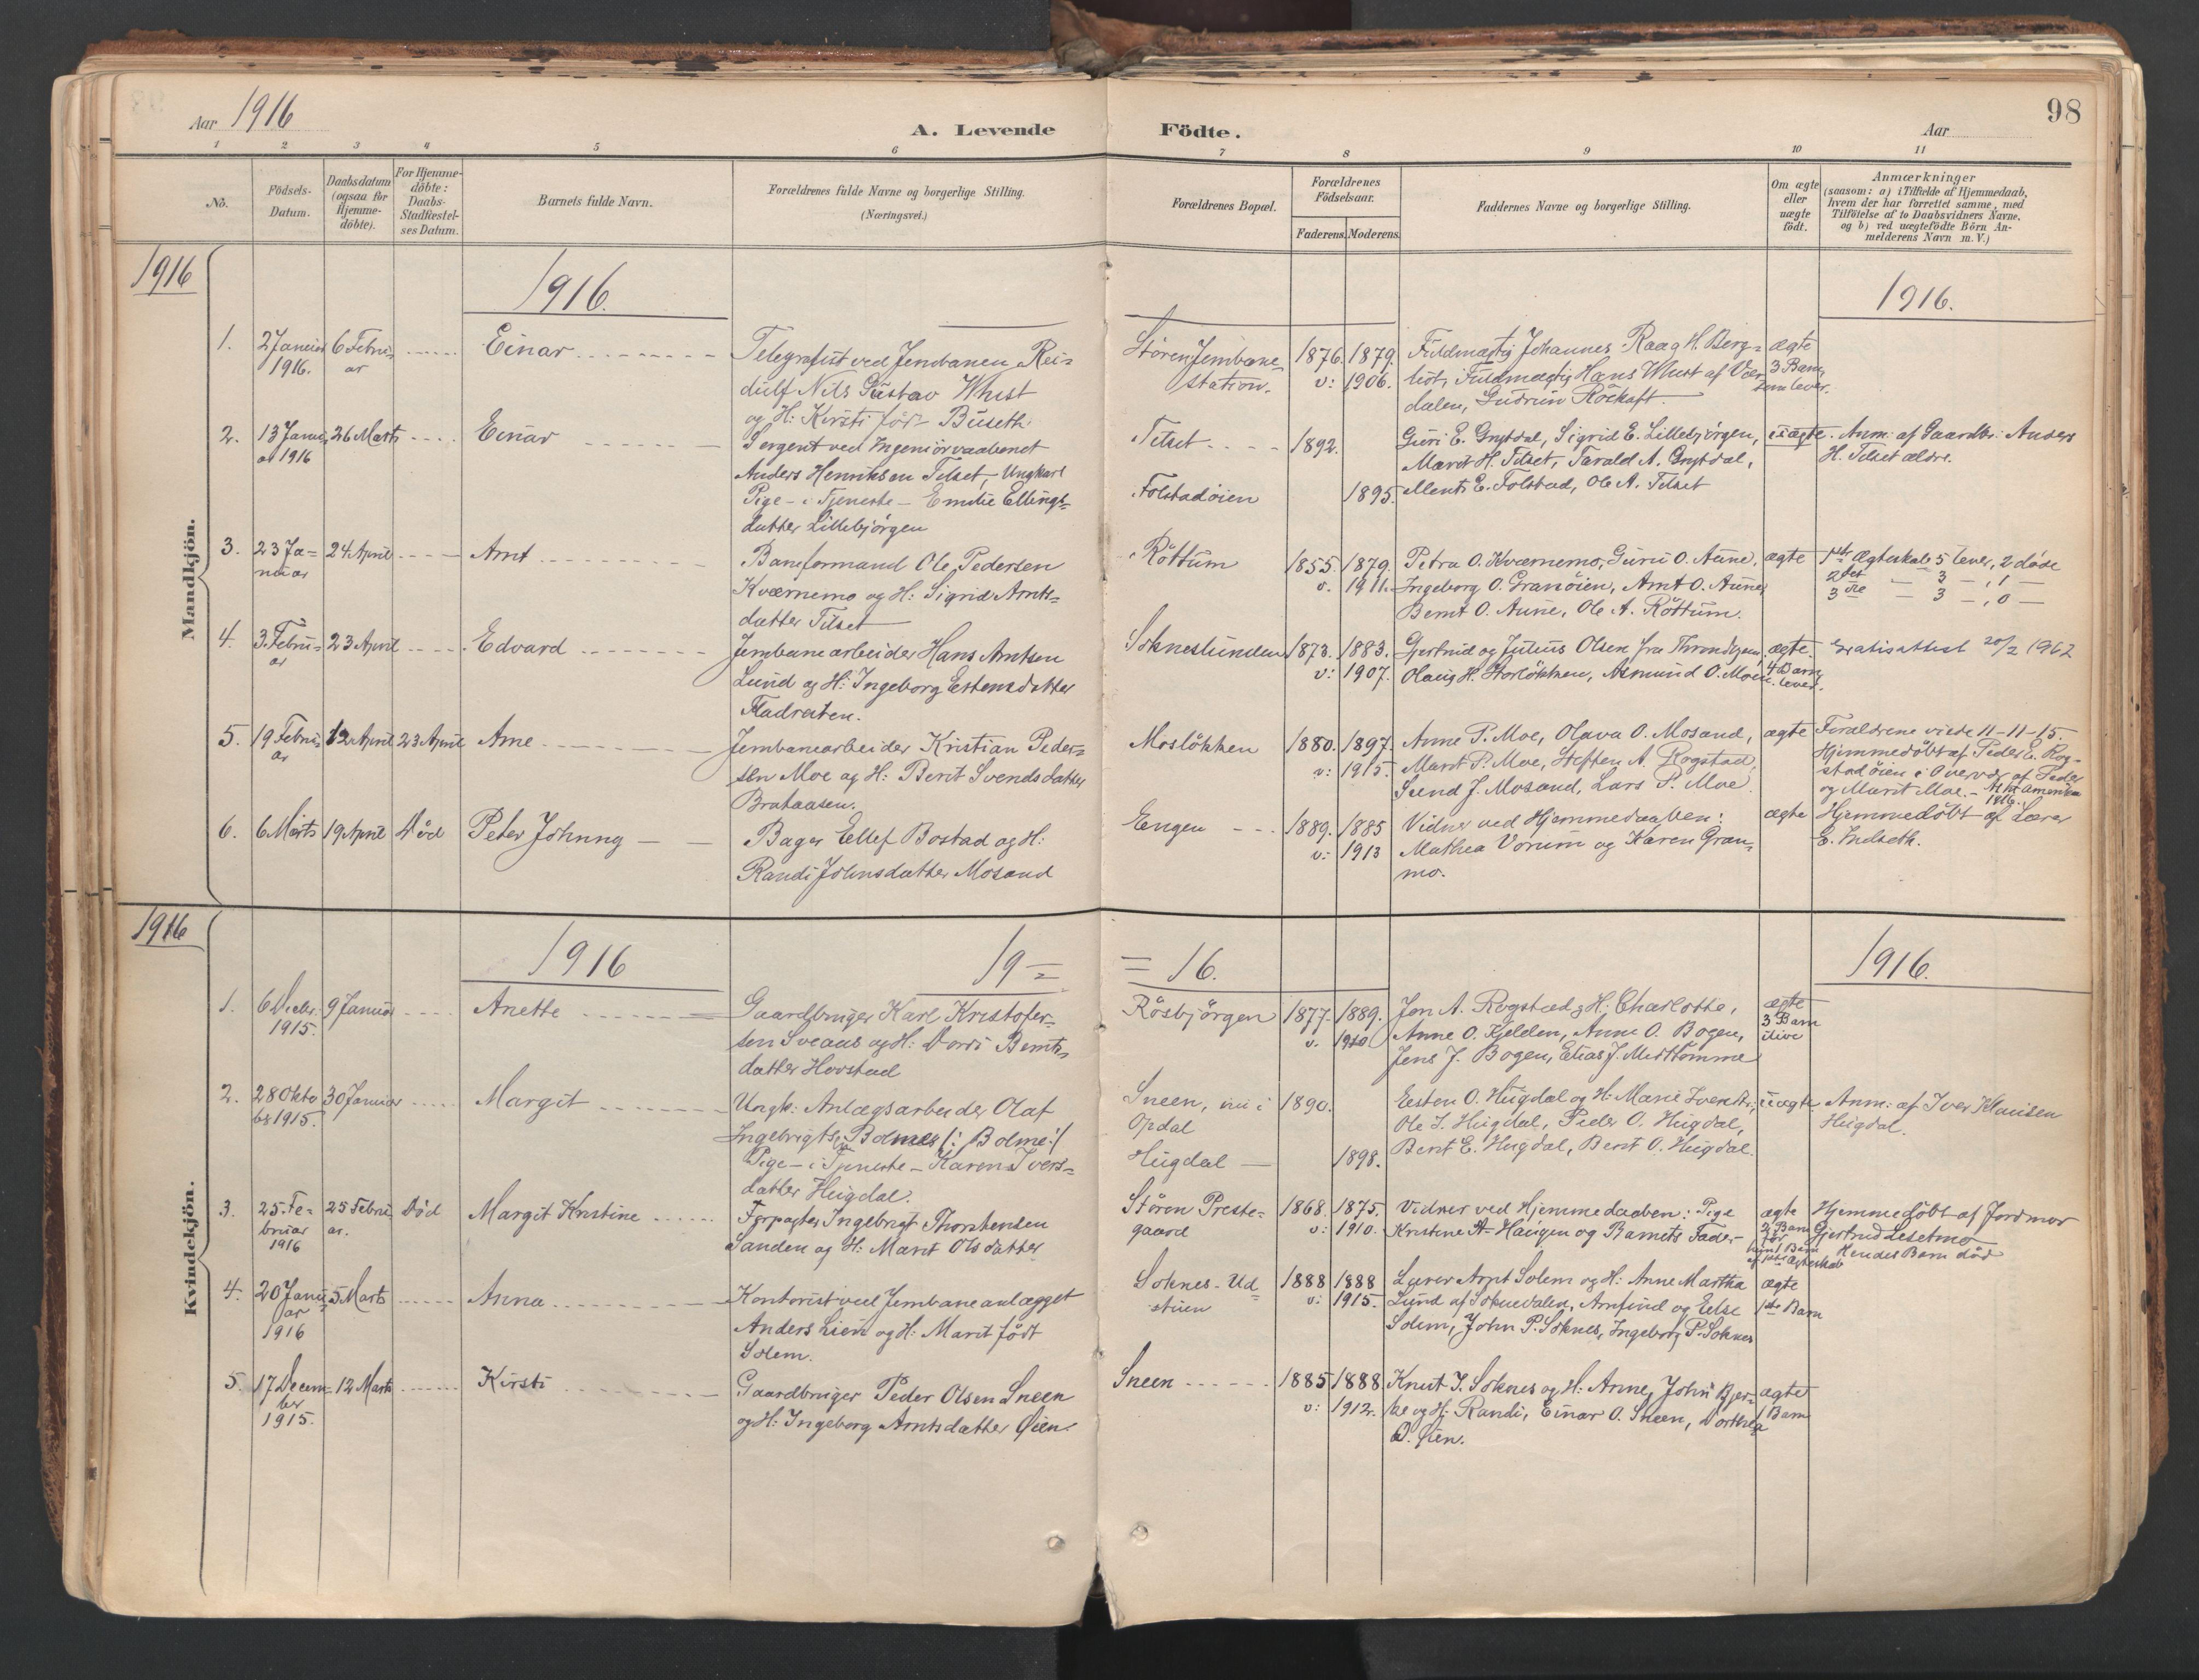 SAT, Ministerialprotokoller, klokkerbøker og fødselsregistre - Sør-Trøndelag, 687/L1004: Ministerialbok nr. 687A10, 1891-1923, s. 98